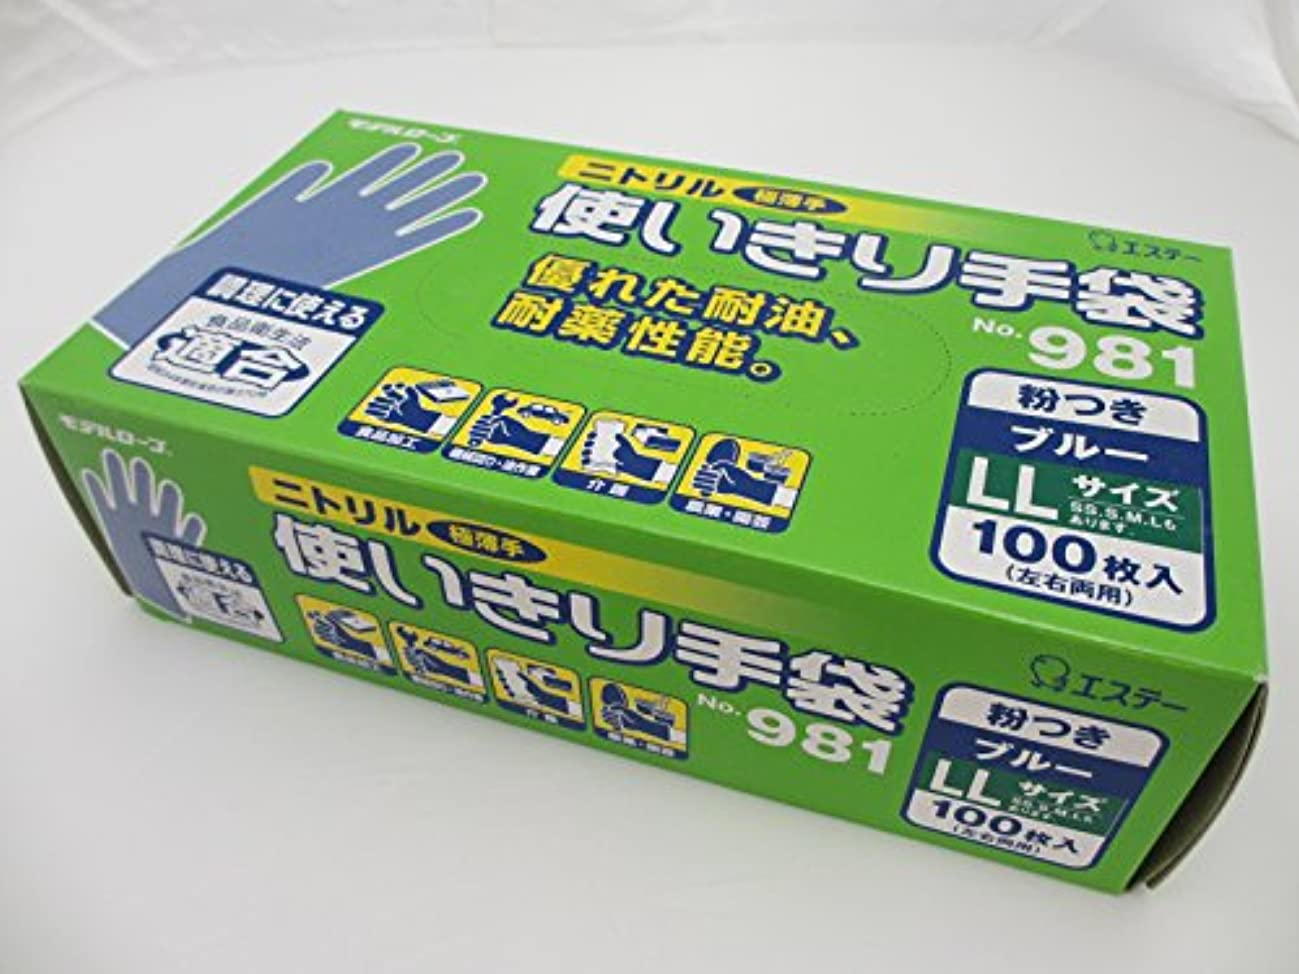 ジョリーお気に入り生命体モデルローブNo981ニトリル使いきり手袋粉つき100枚LLブルー